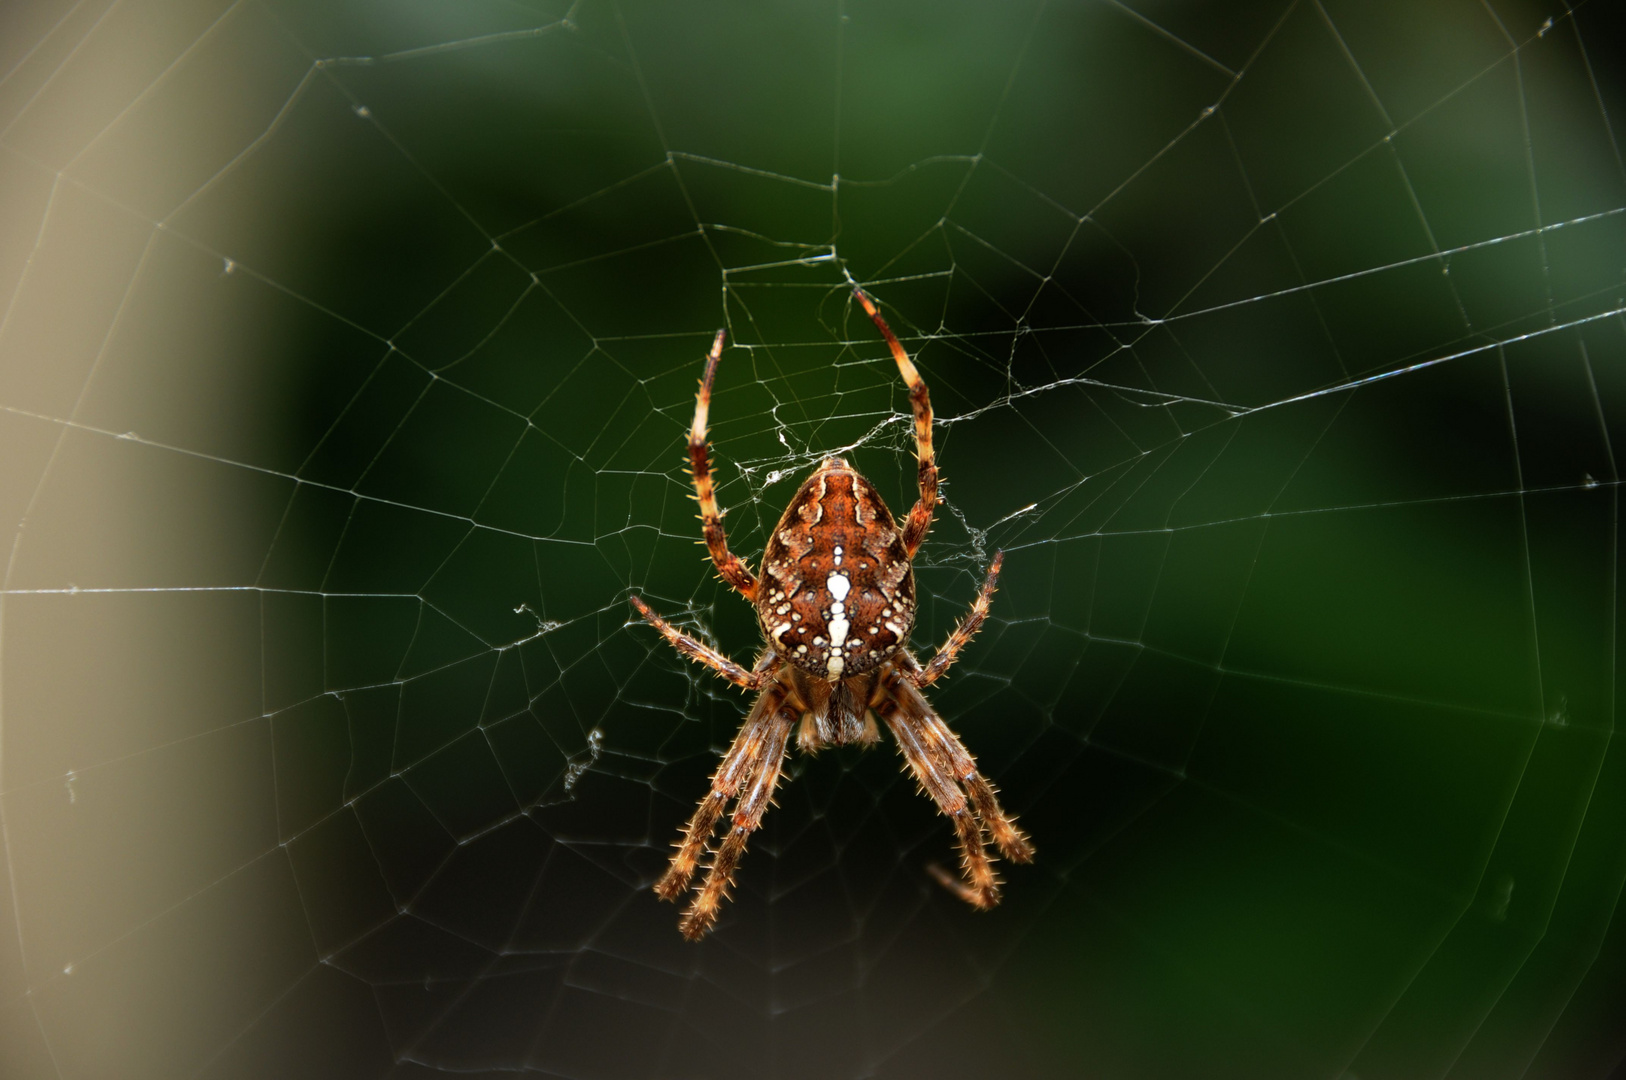 Spinne versperrt meinen Weg